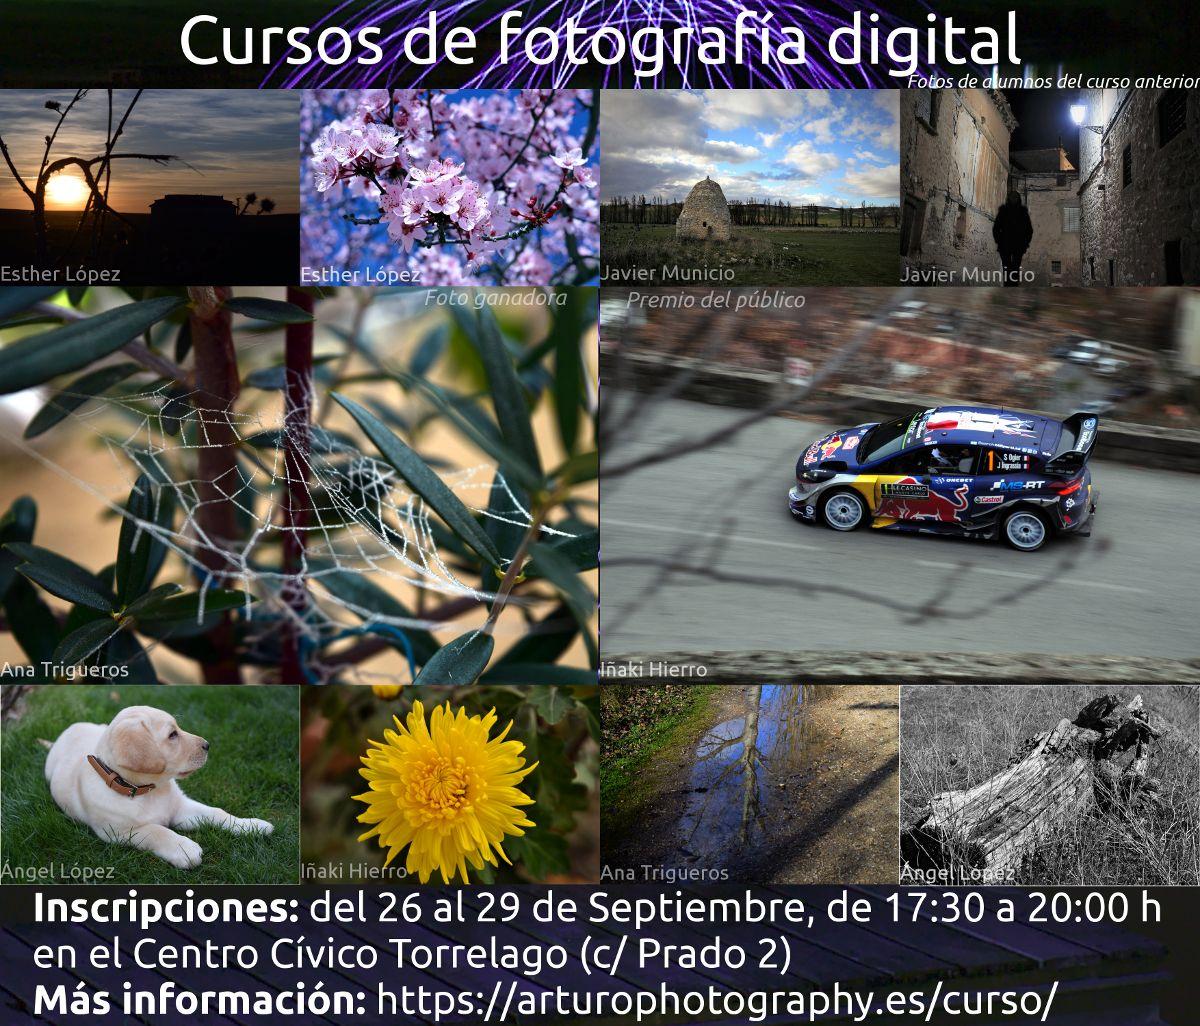 Curso de fotografía digital 2017/18